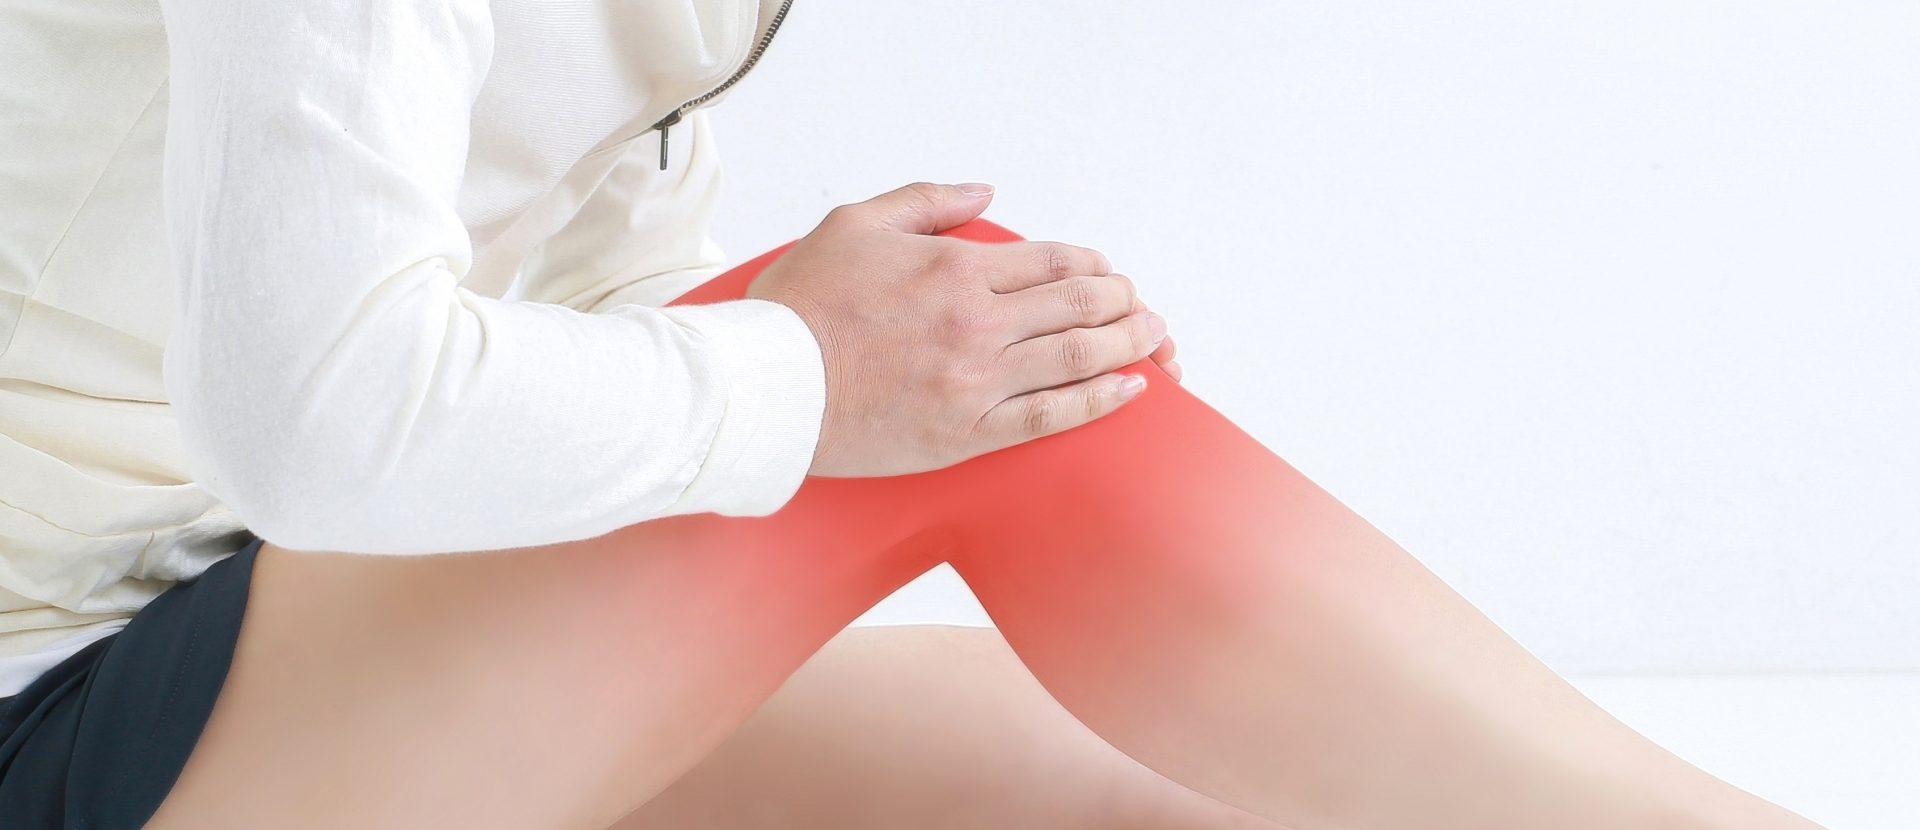 膝の痛み|野田市の七光台名倉堂整骨院